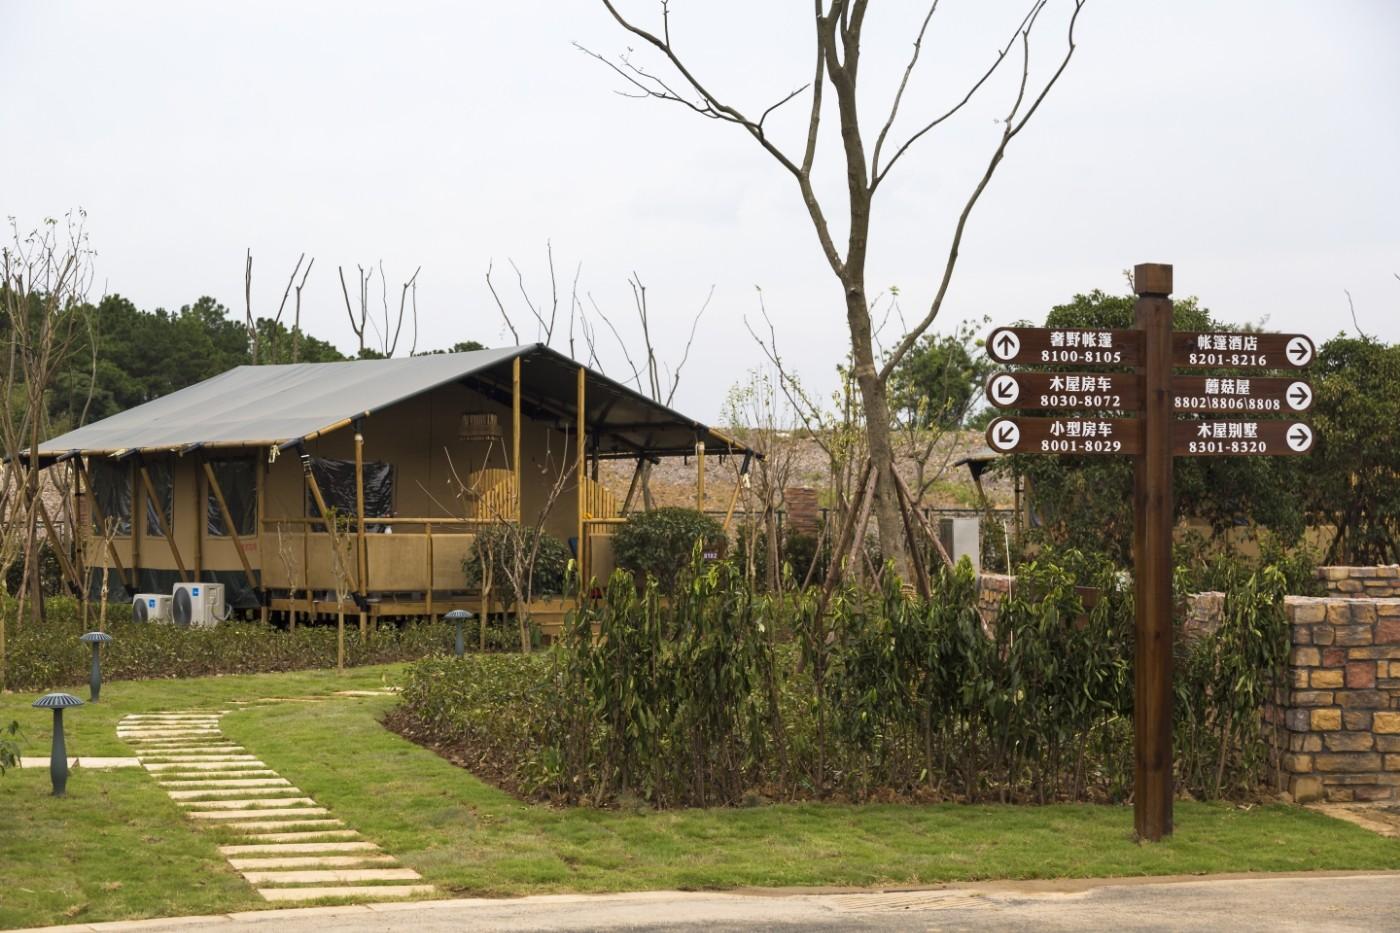 喜马拉雅野奢帐篷酒店—太湖湾露营谷8